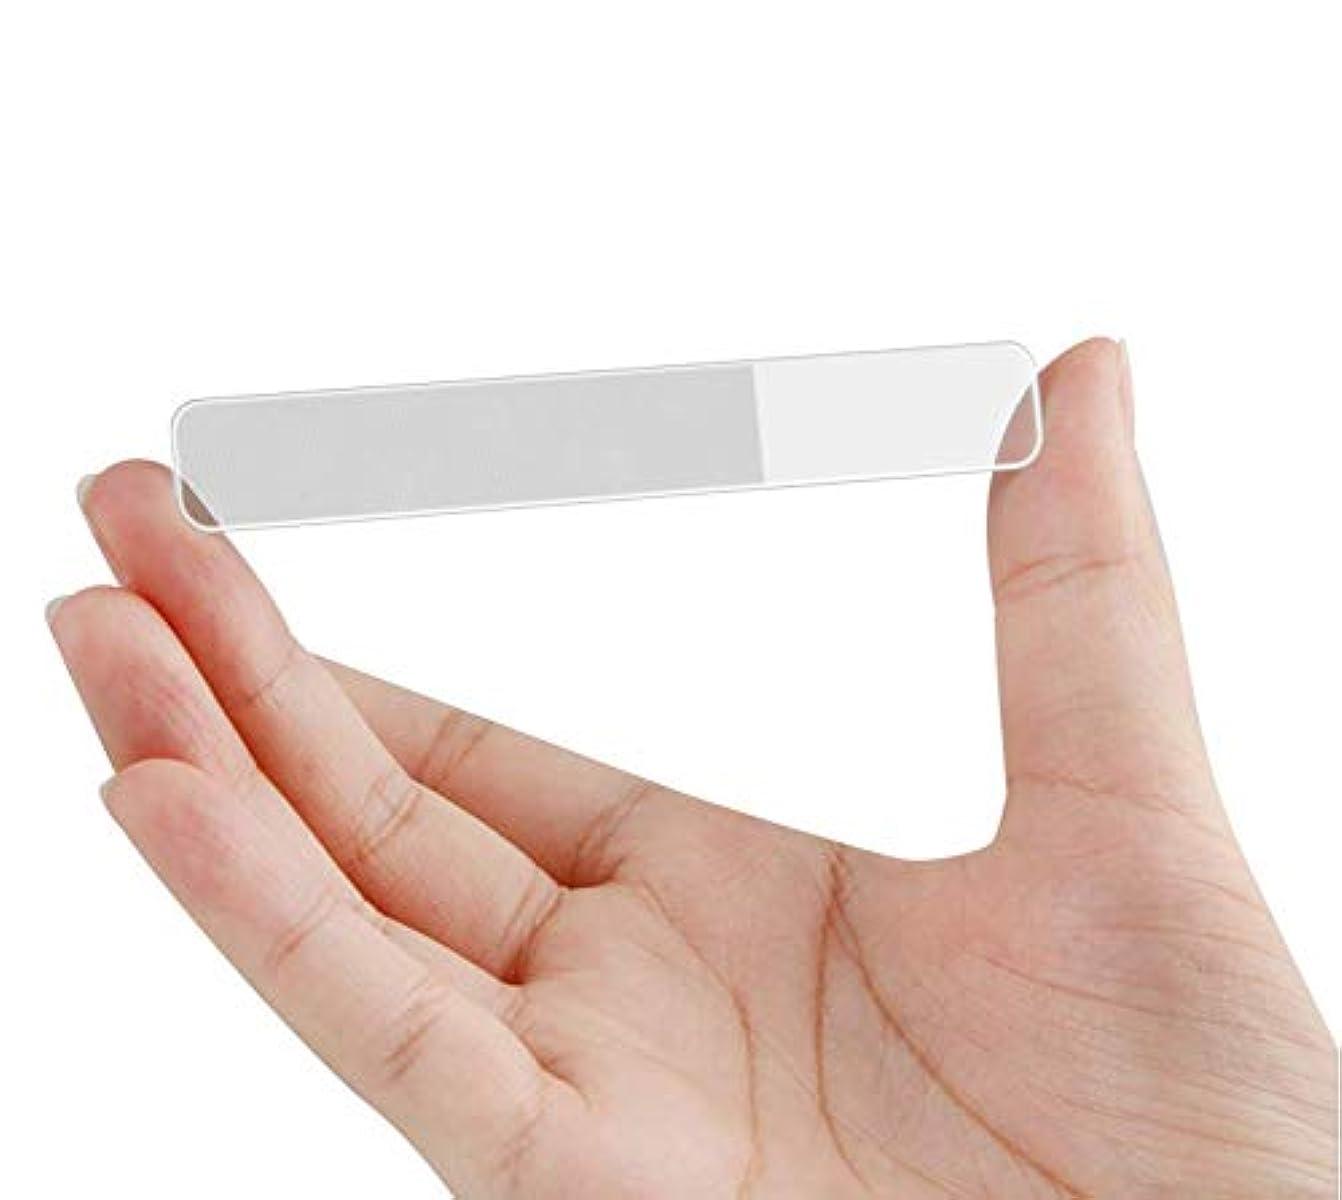 テニスアクチュエータ王子MX 爪やすり 爪磨き ガラス製 (スタイル A)